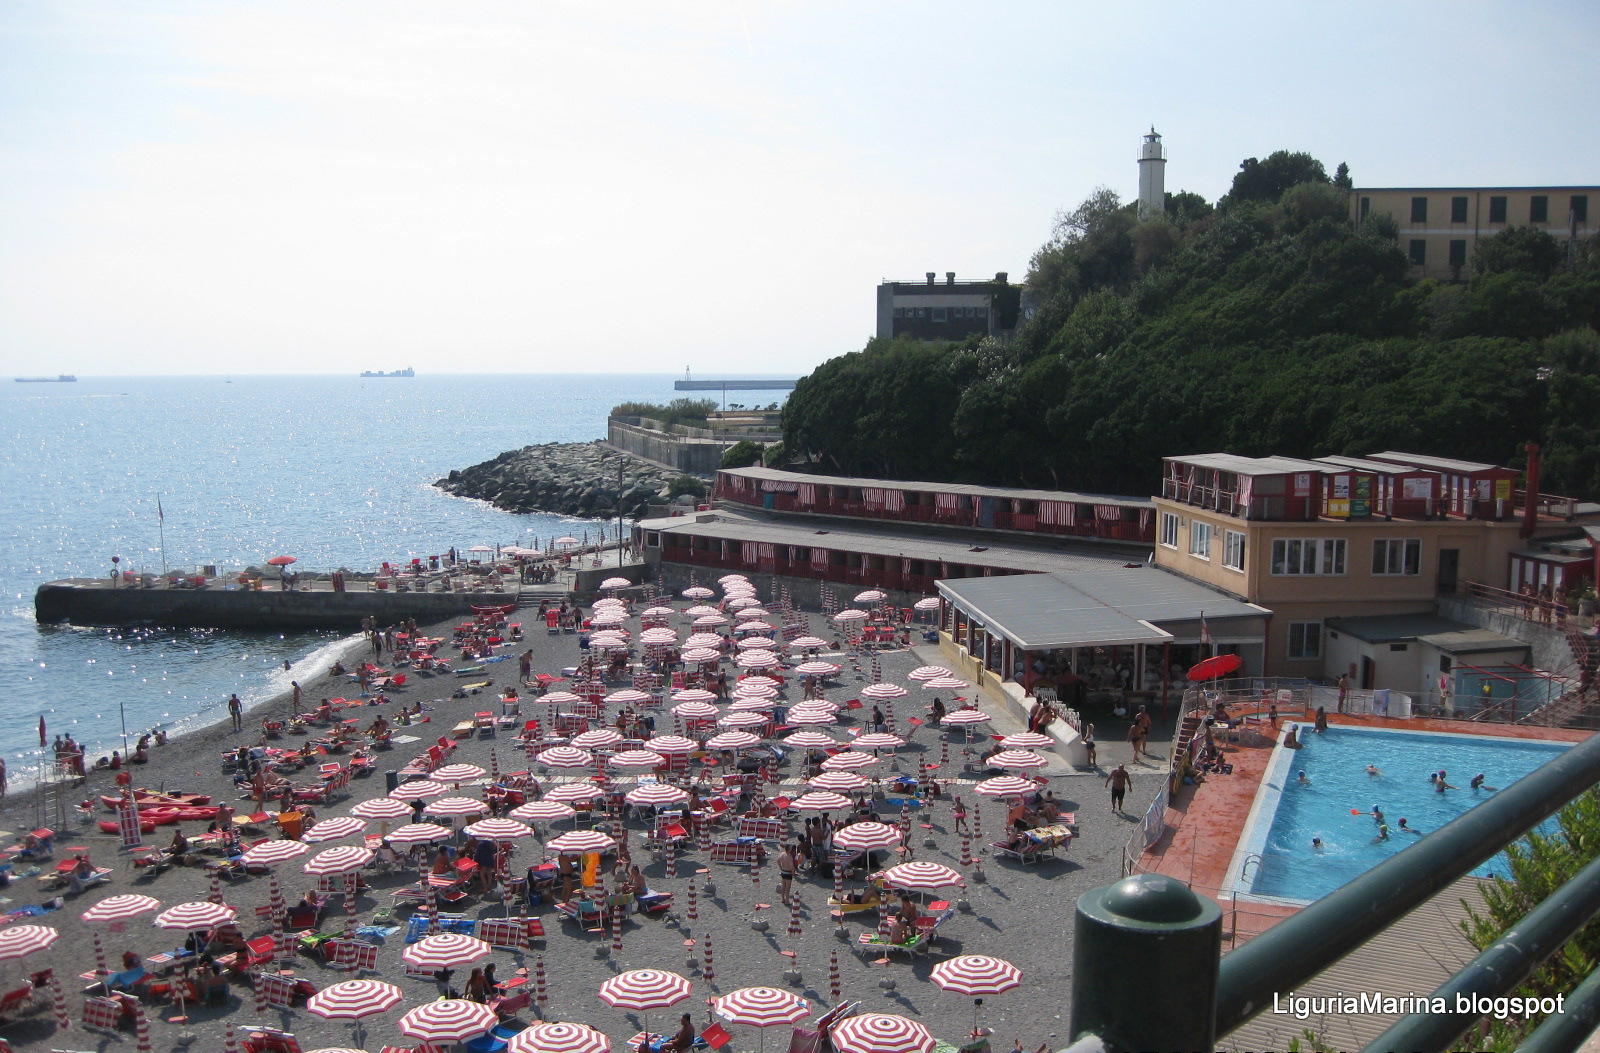 Liguriamarina genova spiagge e mare for Arredo bagno via gramsci genova